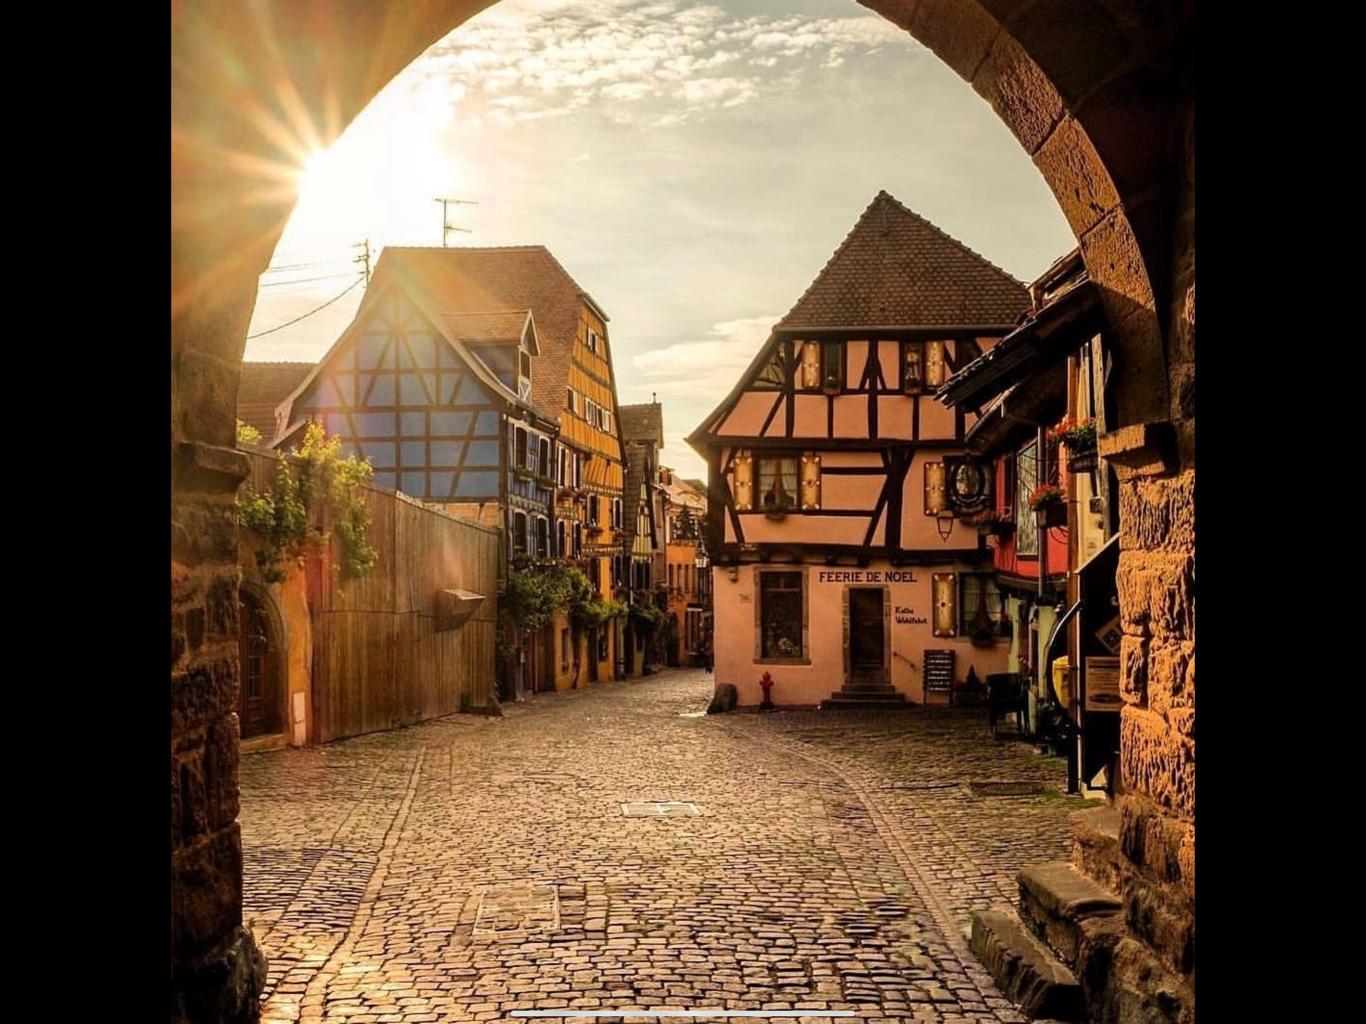 Visite d'Eguisheim et Riquewihr avec dégustation le 28 juin 2020